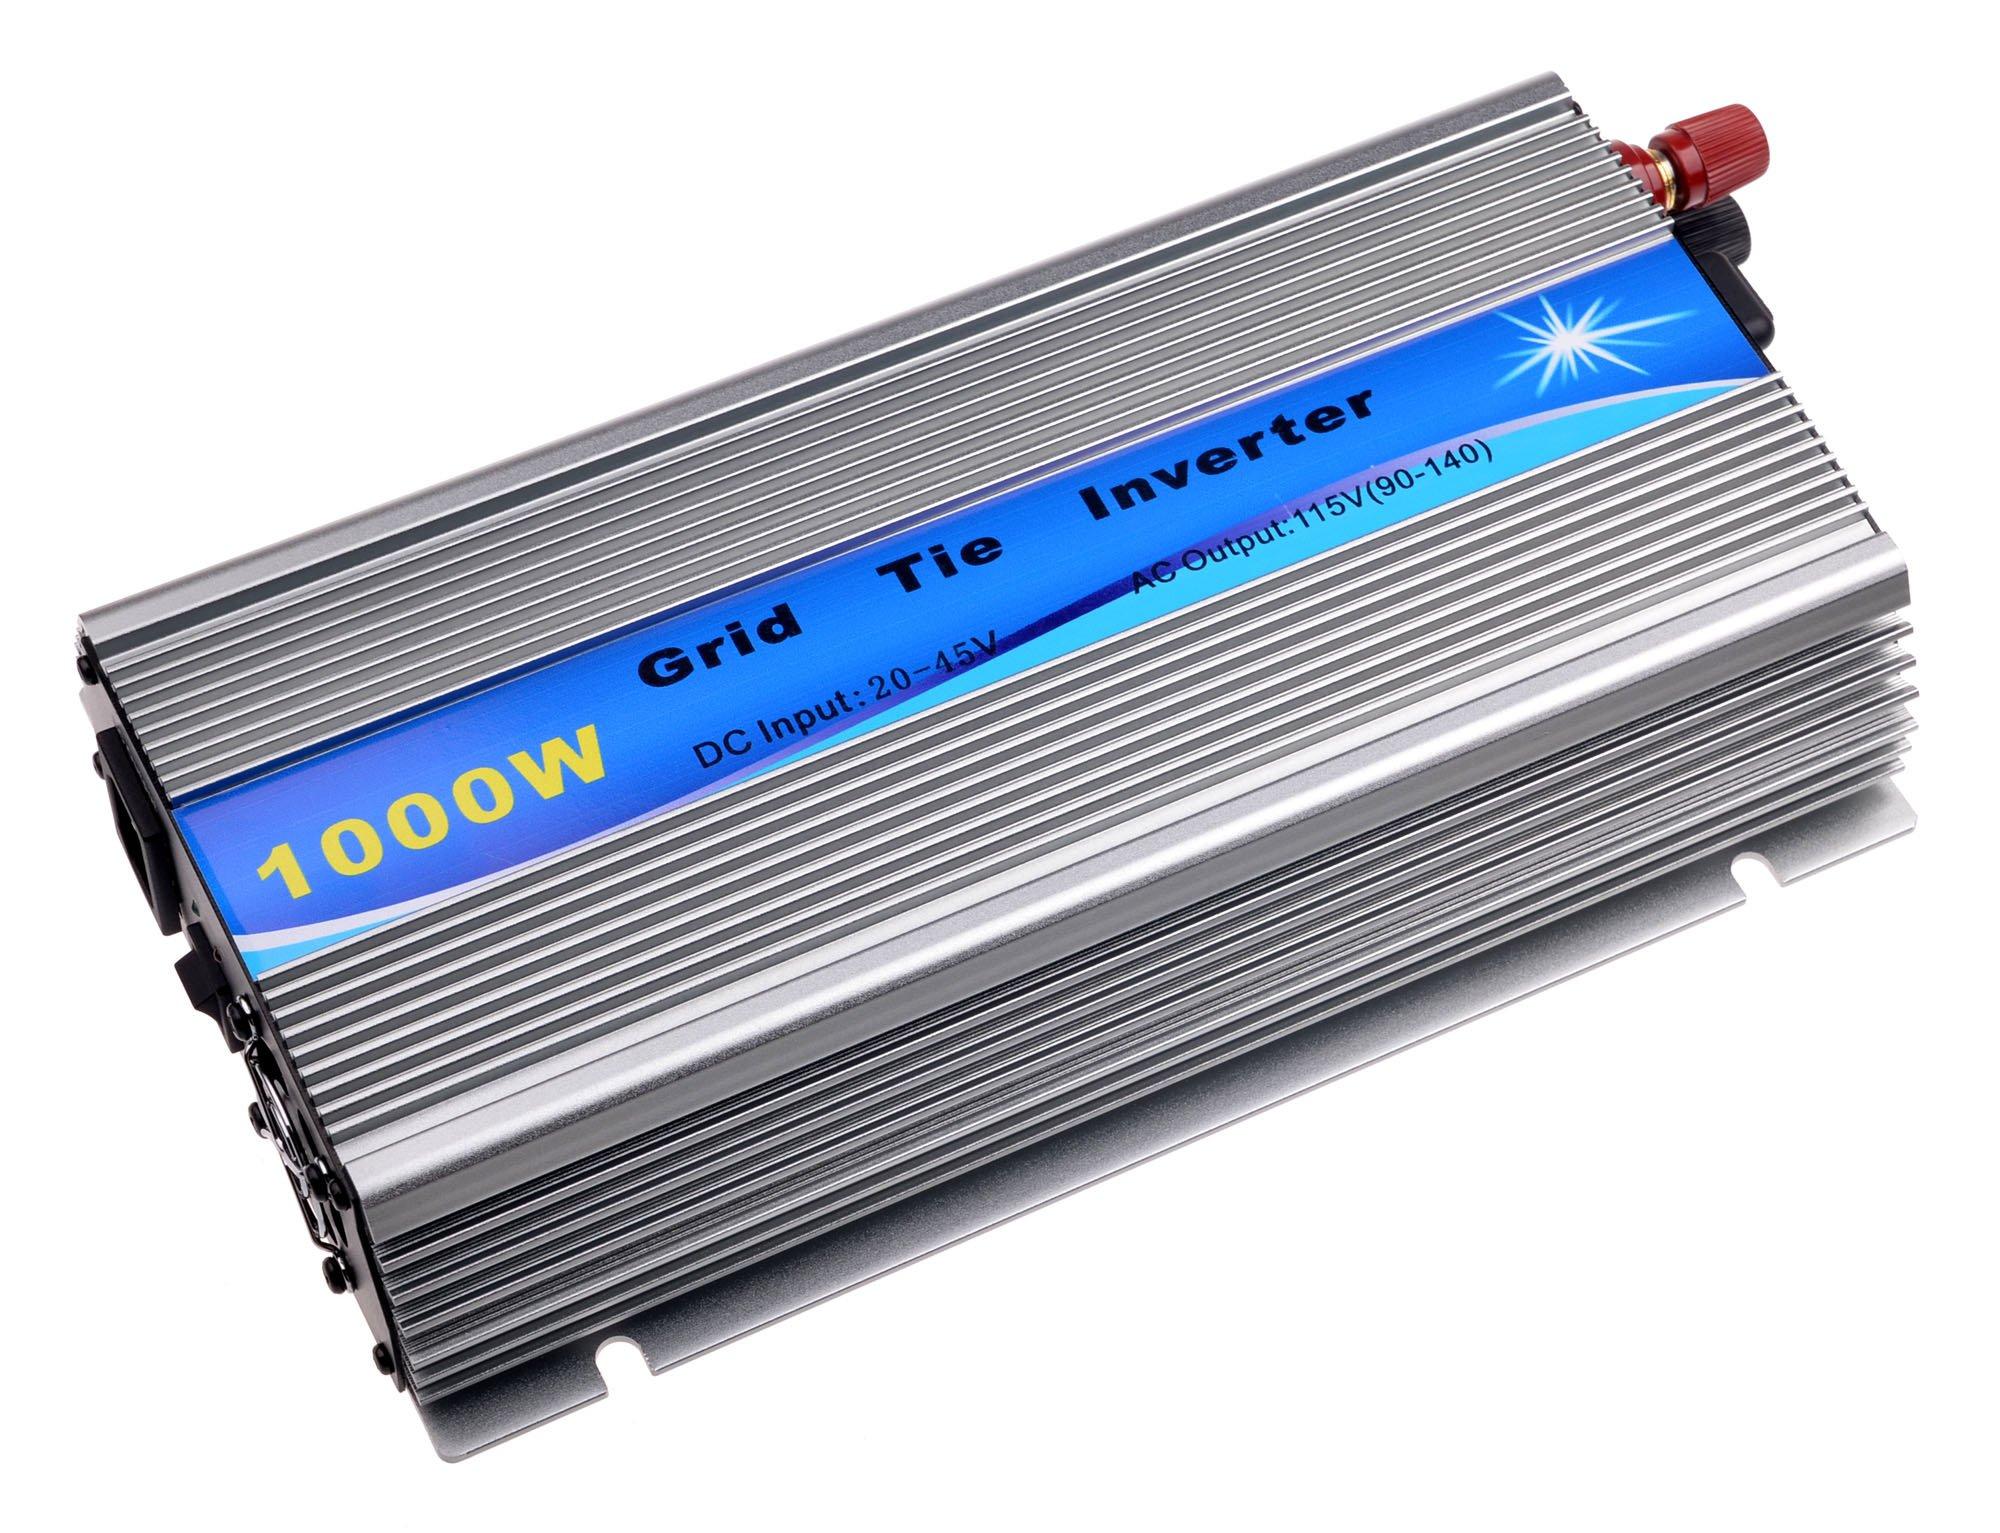 SolarEpic Grid Tie Inverter 1000w Stackable w/MPPT 20-45v Input 110v Output